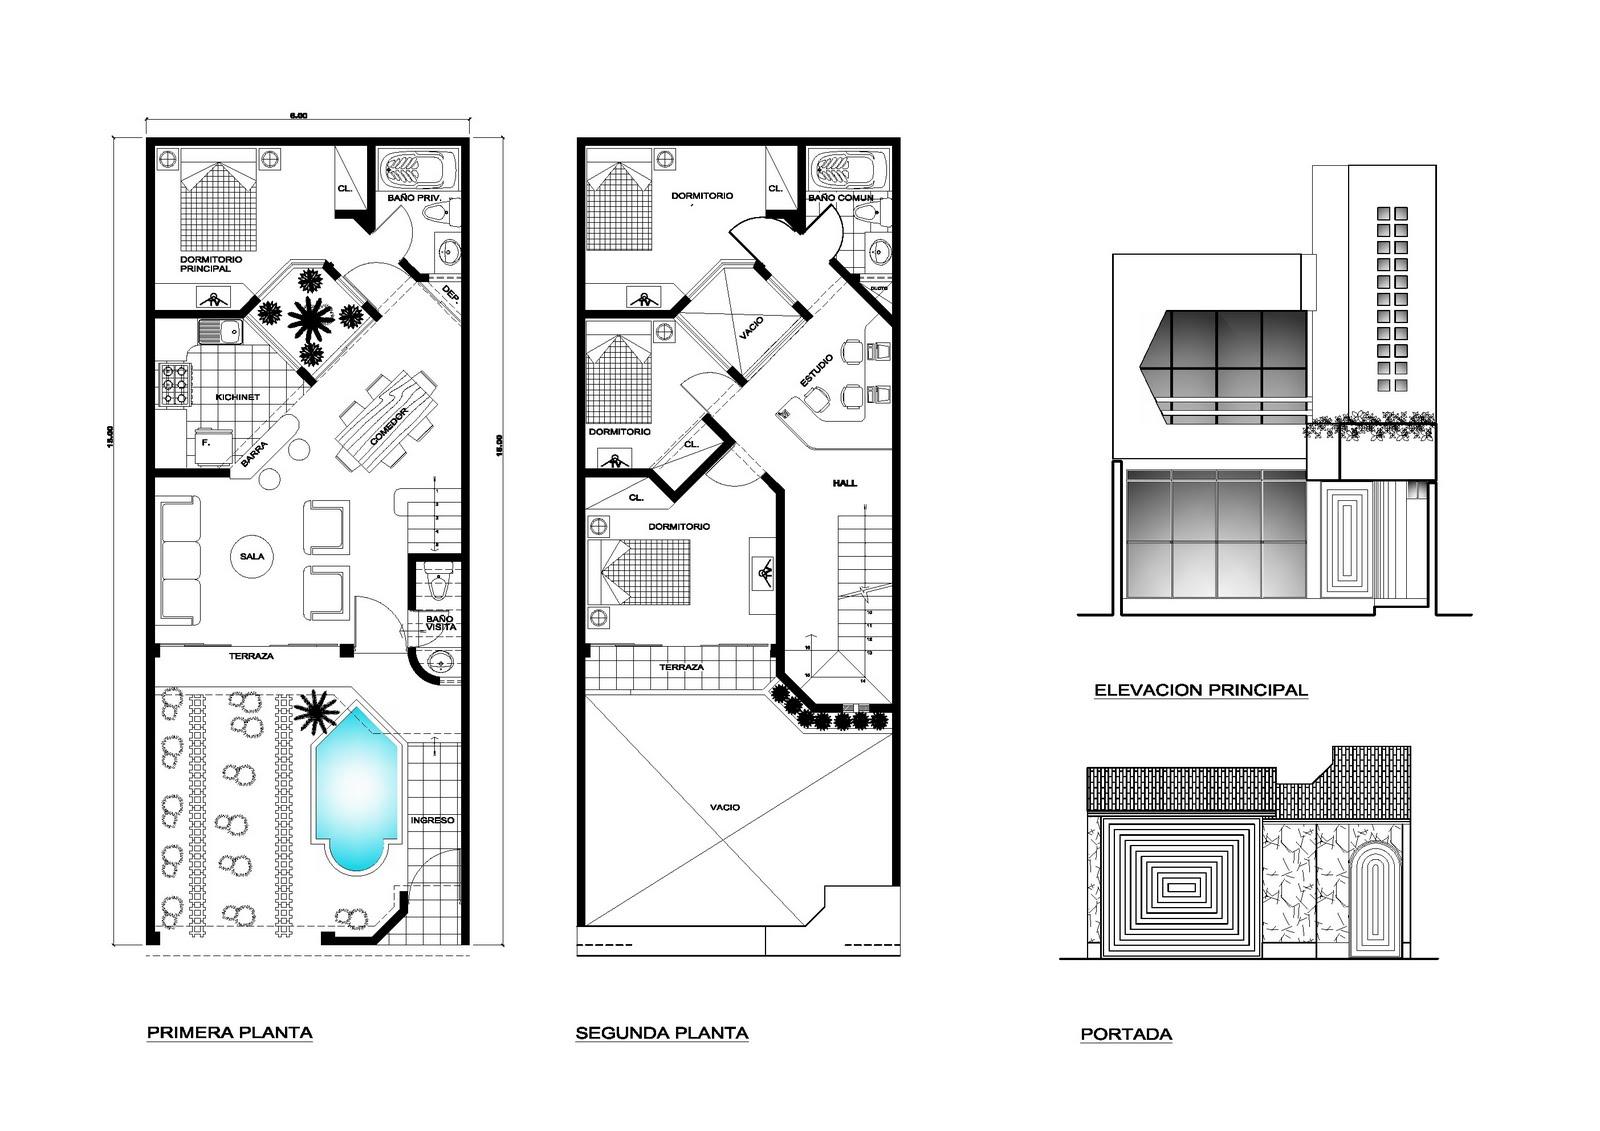 planos de viviendas gratis: plano de vivienda de 6x15m